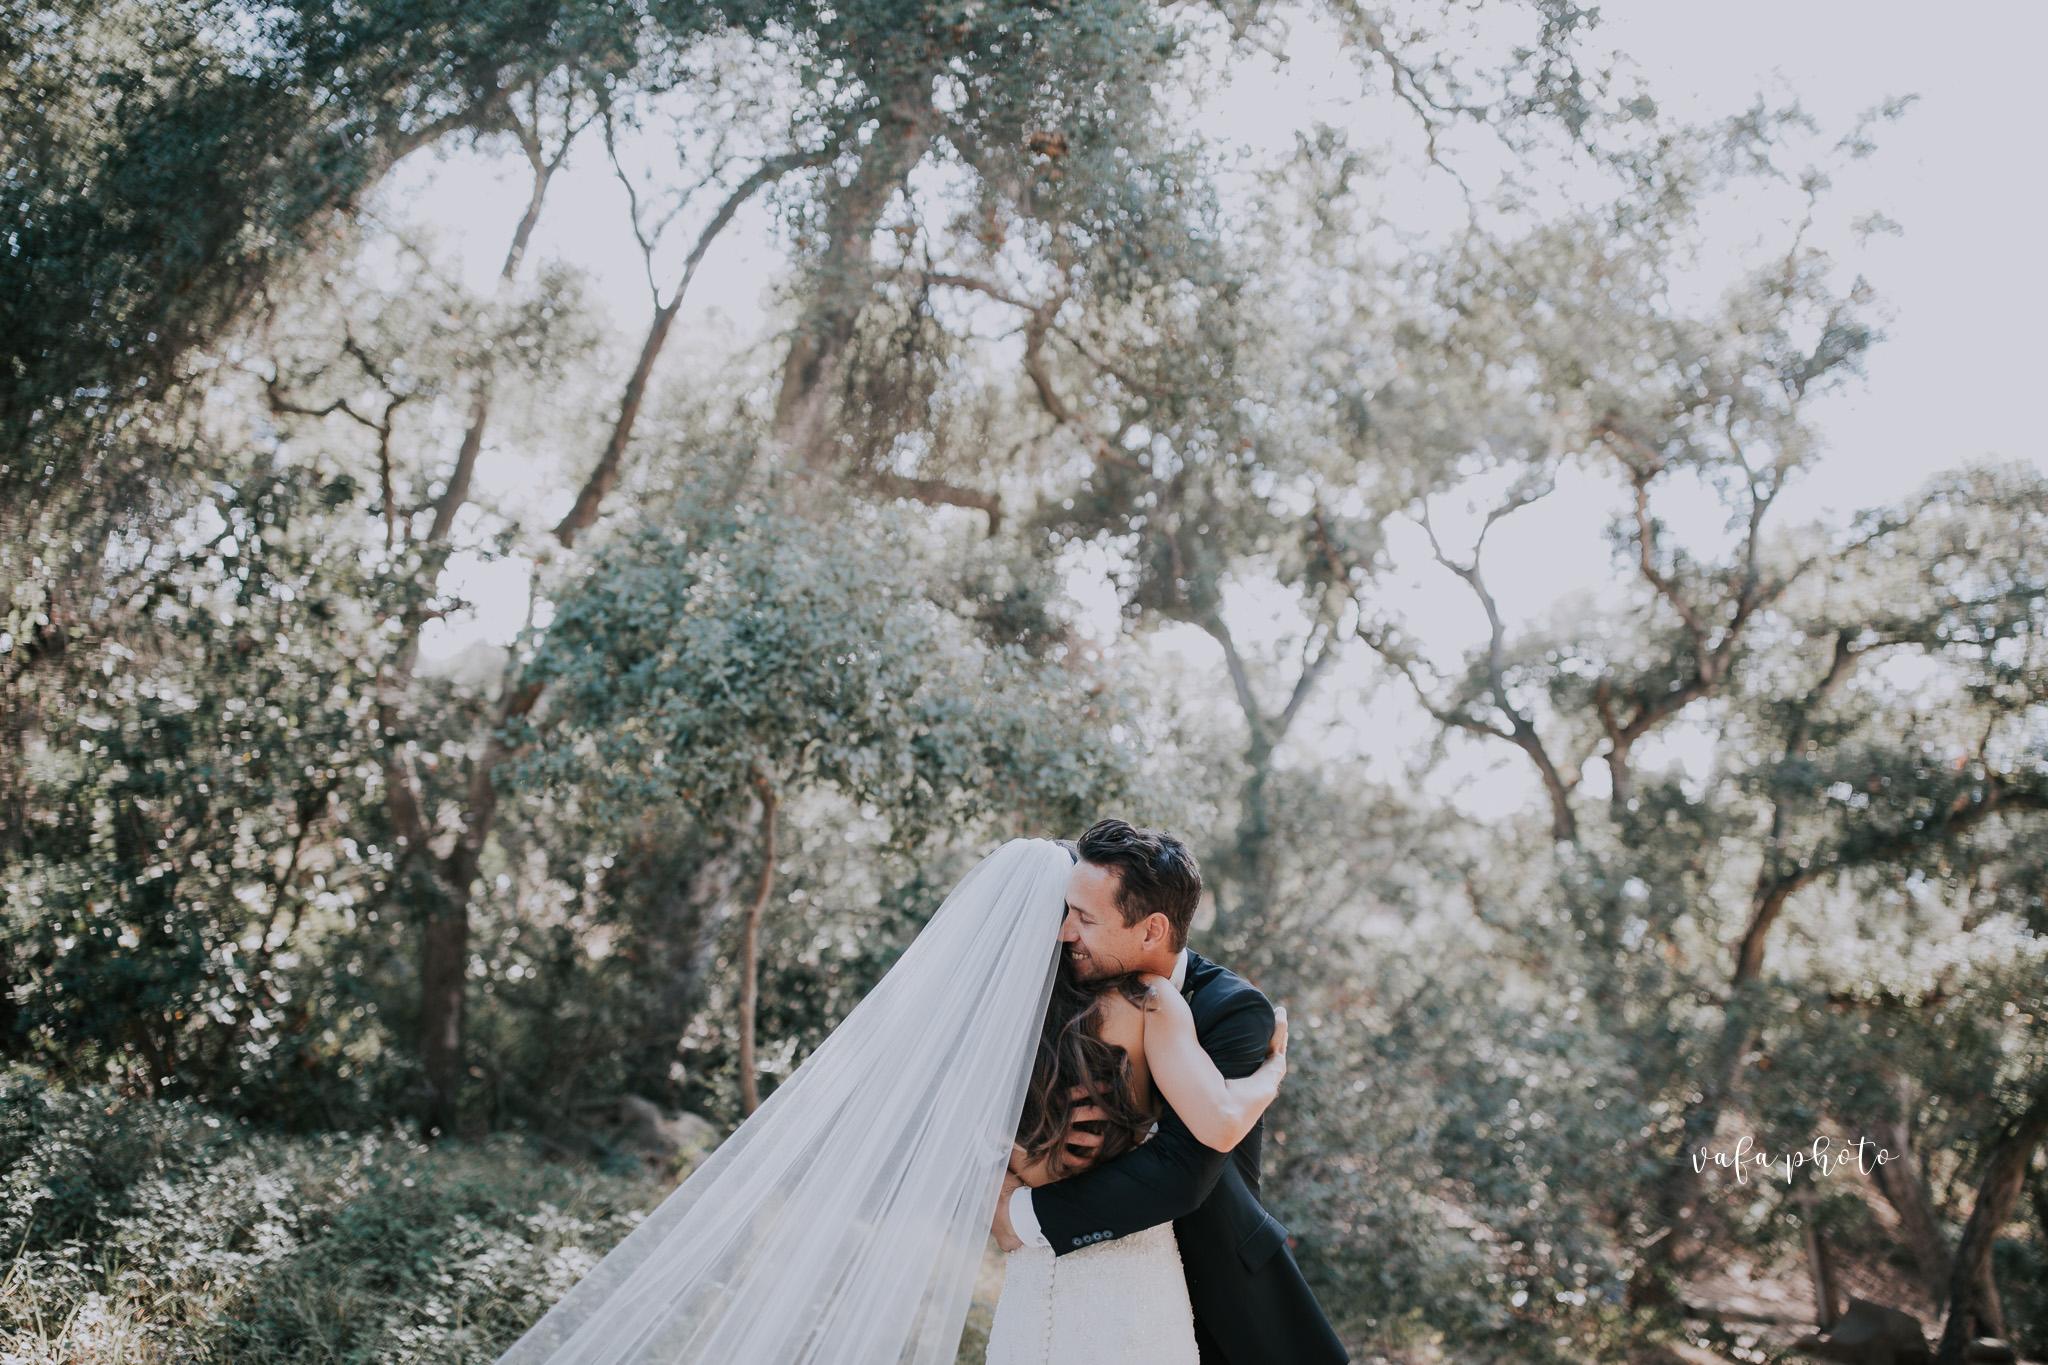 Southern-California-Wedding-Britt-Nilsson-Jeremy-Byrne-Vafa-Photo-222.jpg